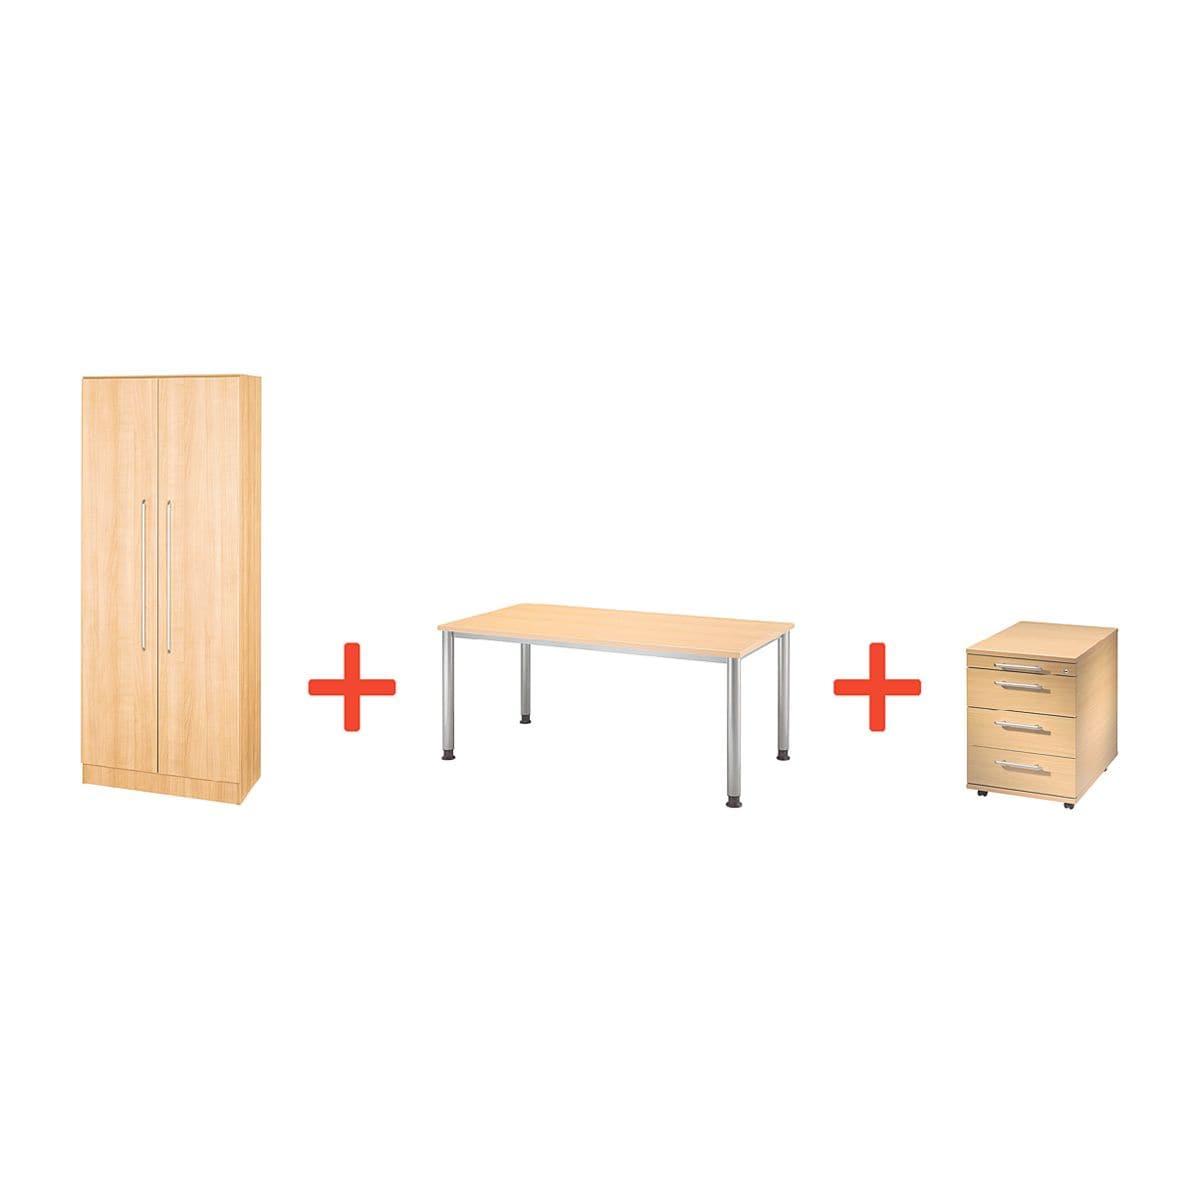 otto office premium m bel set otto office line i 3 teilig schreibtisch mit 4 fu bei otto. Black Bedroom Furniture Sets. Home Design Ideas